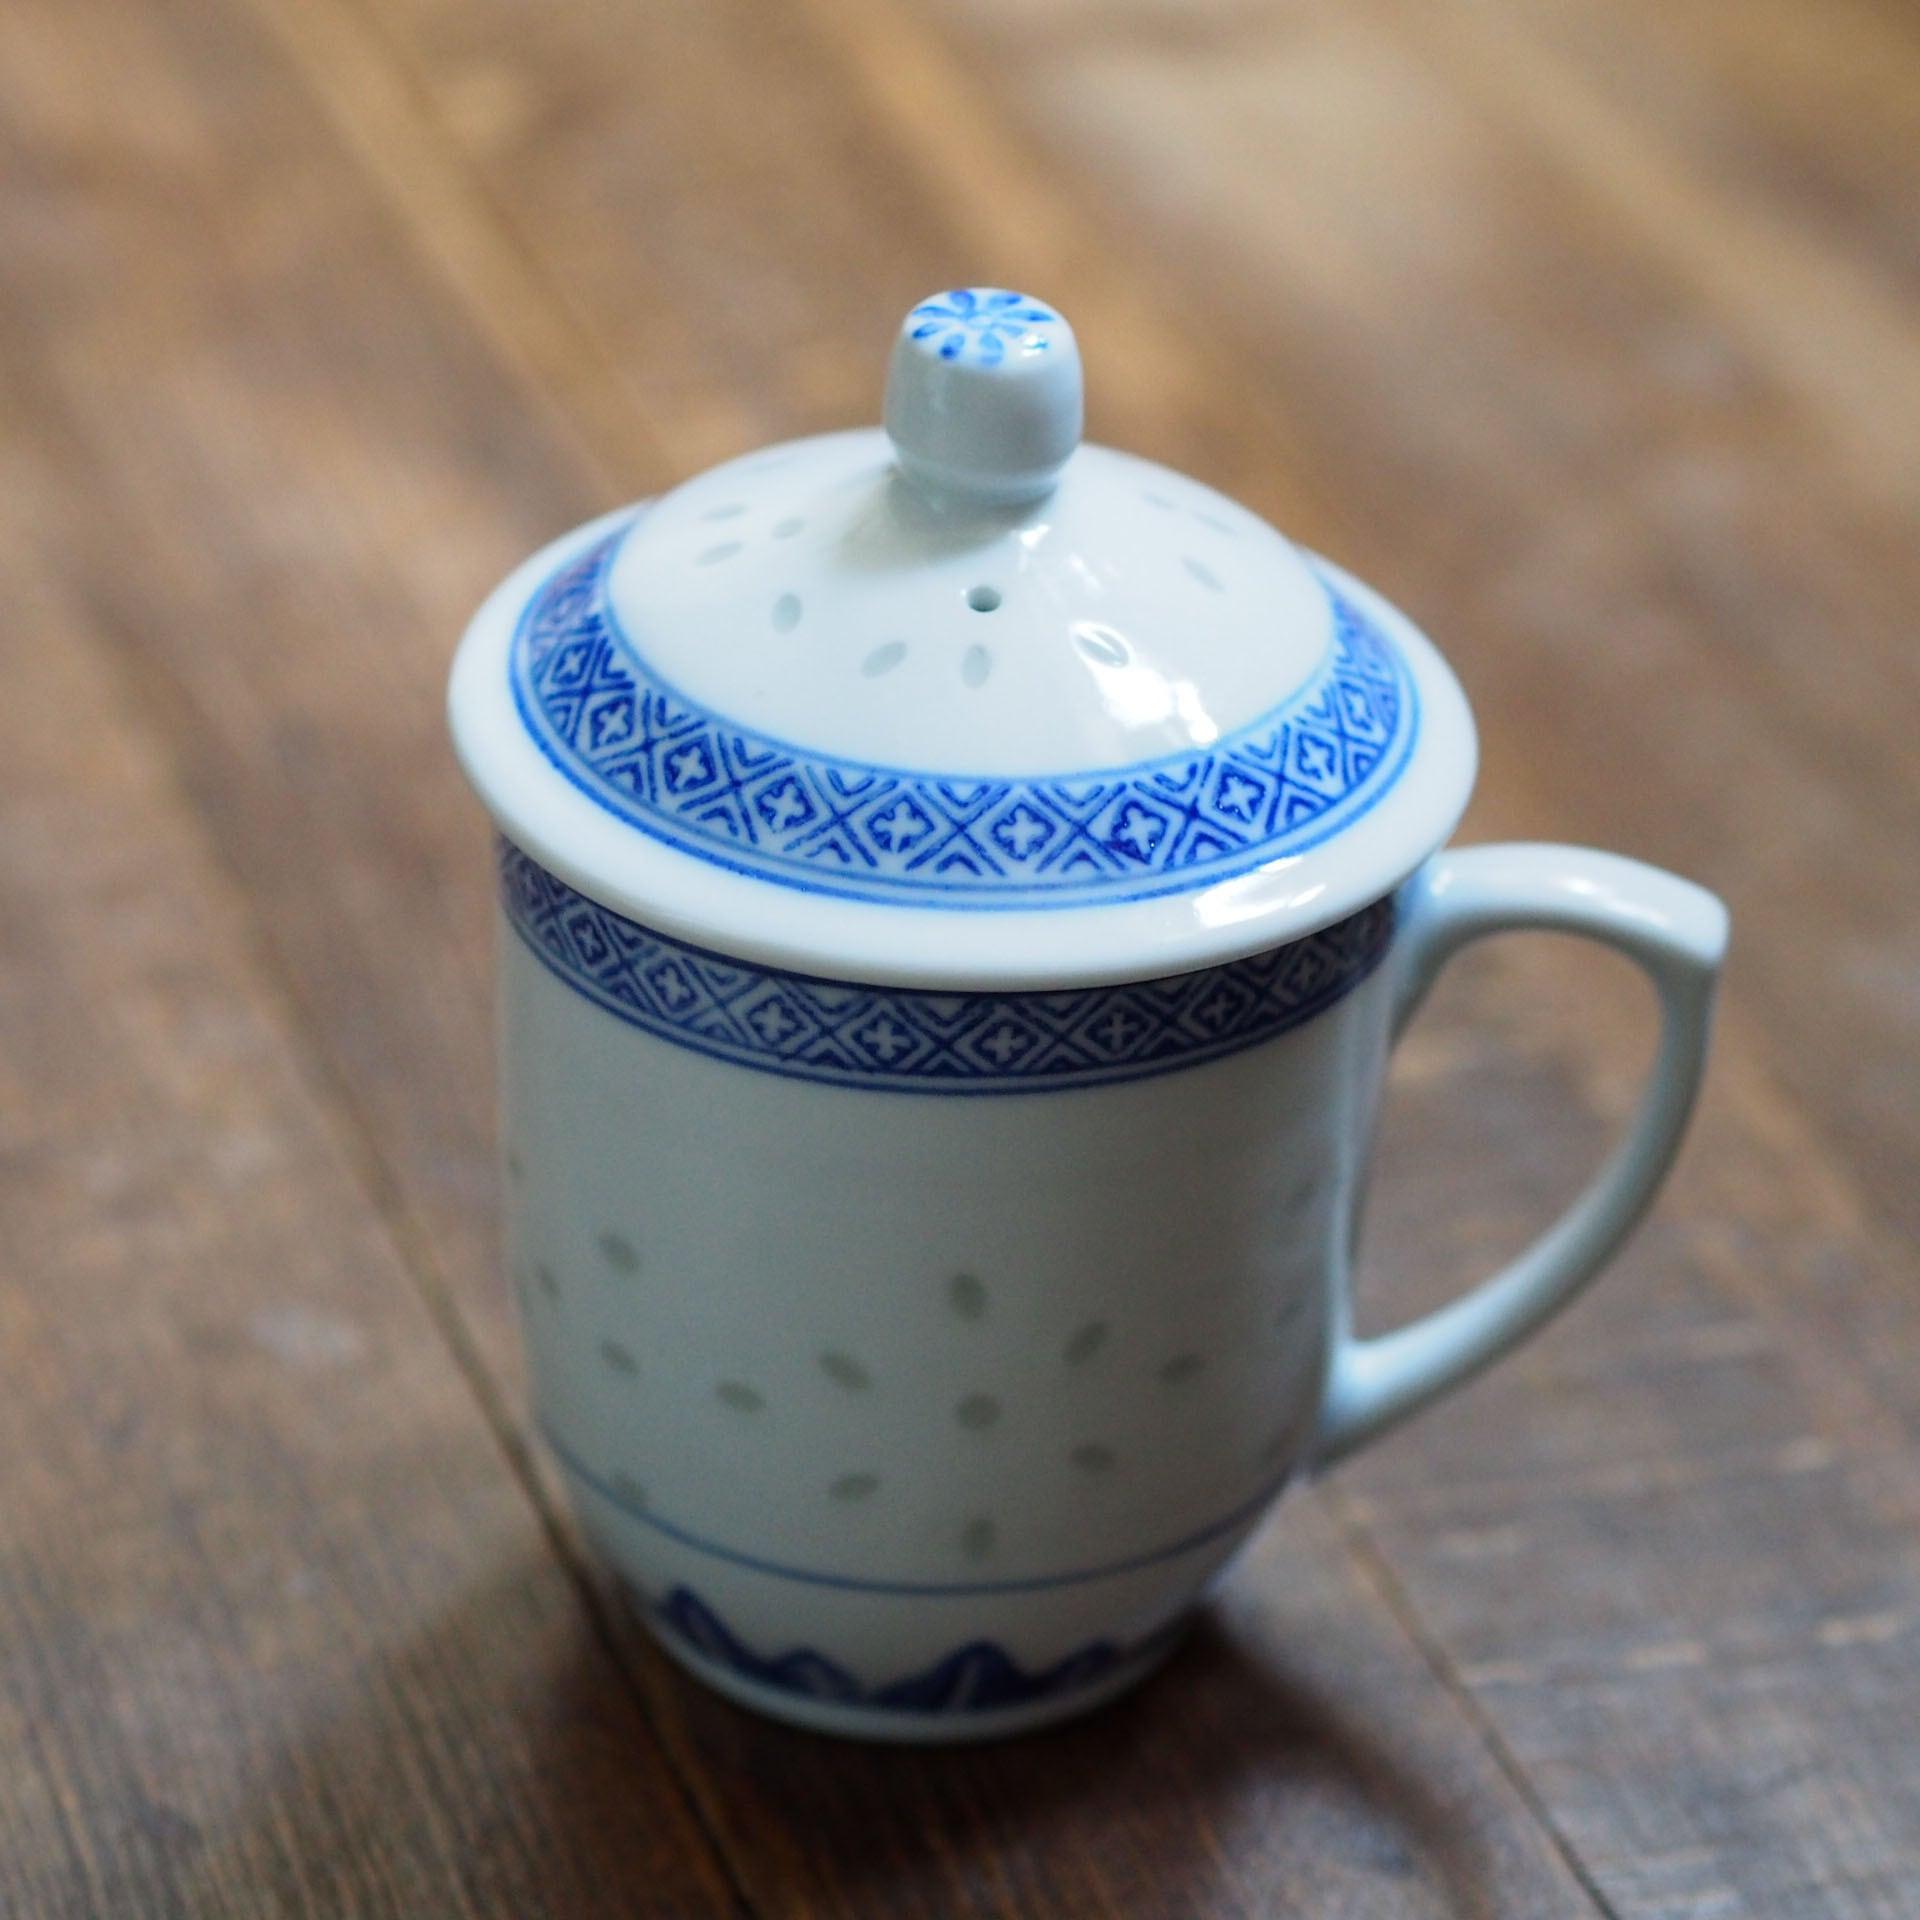 『たっぷりサイズのマグカップ/Blue&White』景徳鎮/ホタル